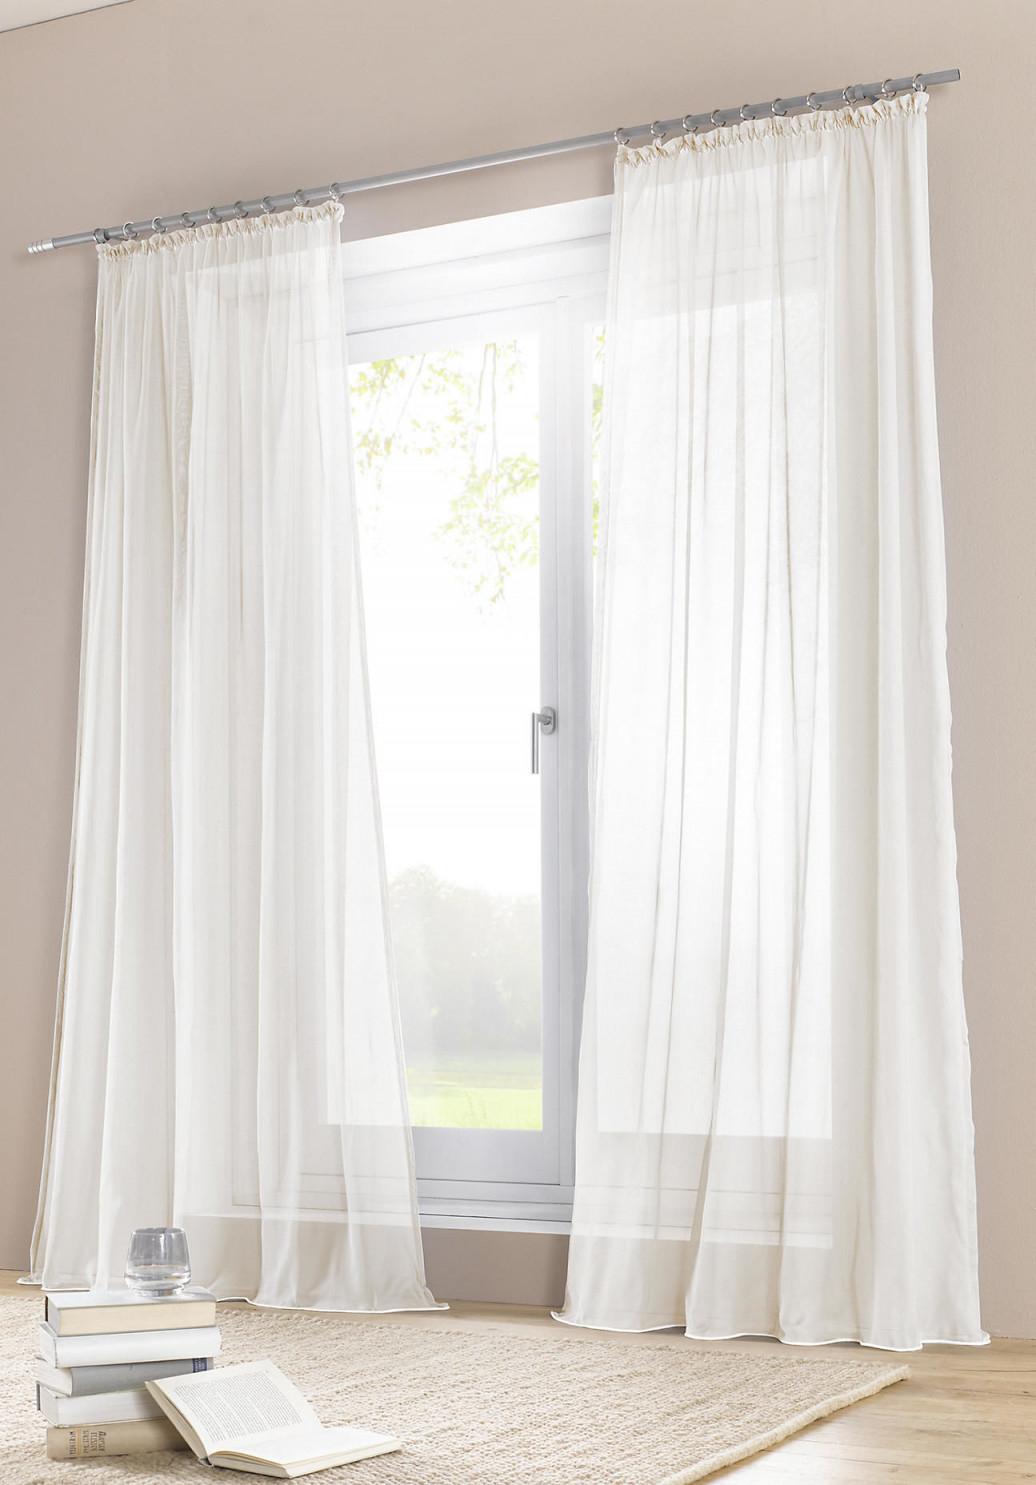 Die Schönsten Ideen Für Vorhänge  Gardinen von Schöner Wohnen Gardinen Wohnzimmer Bild